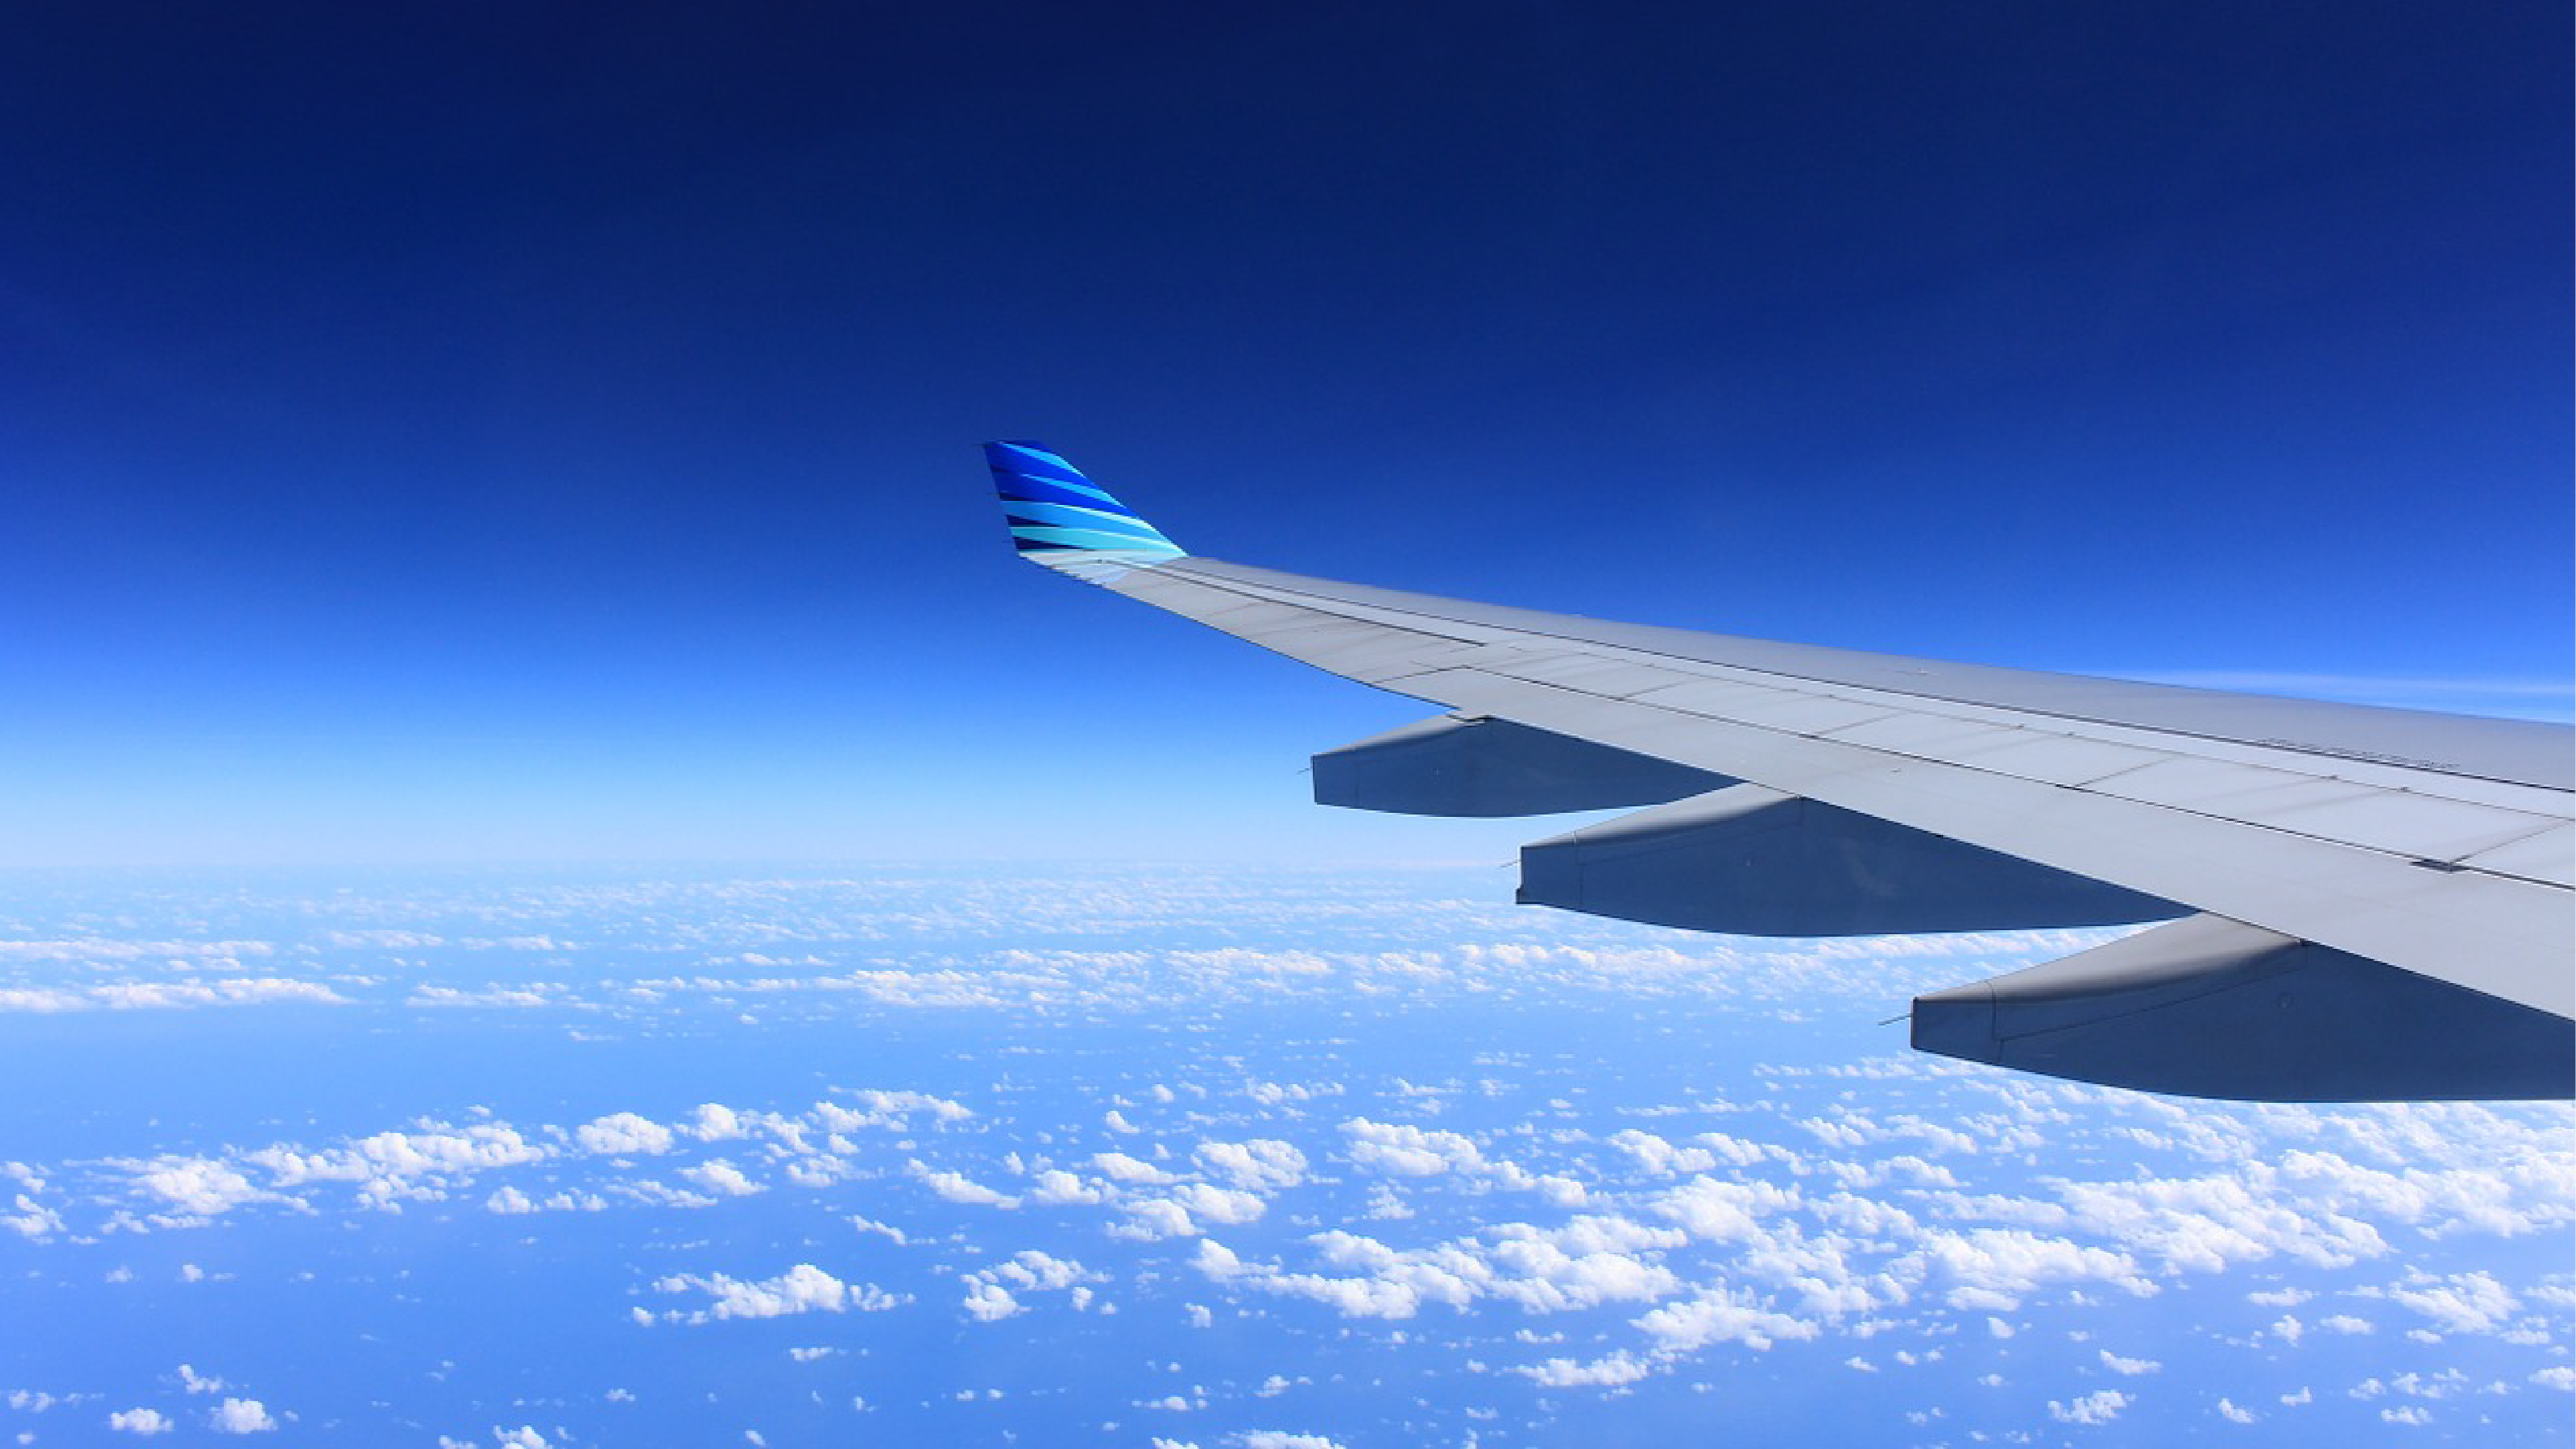 bons plans bordeaux aeroport bordeaux nouvelles lignes destinations estivales